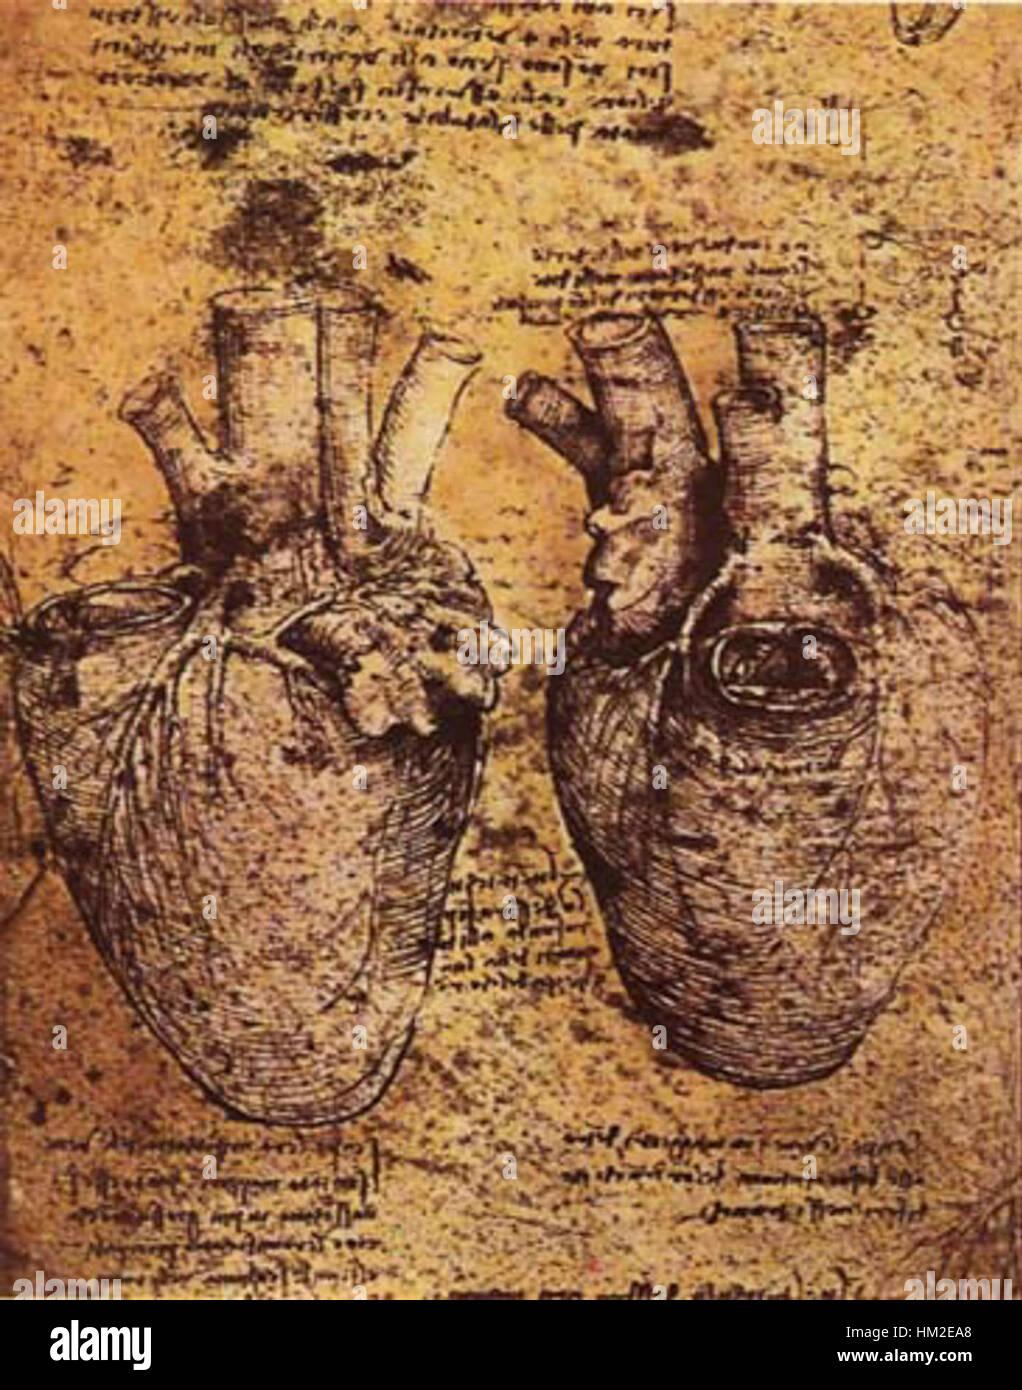 Leonardo da Vinci, Herz und die Blutgefäße Stockfoto, Bild ...